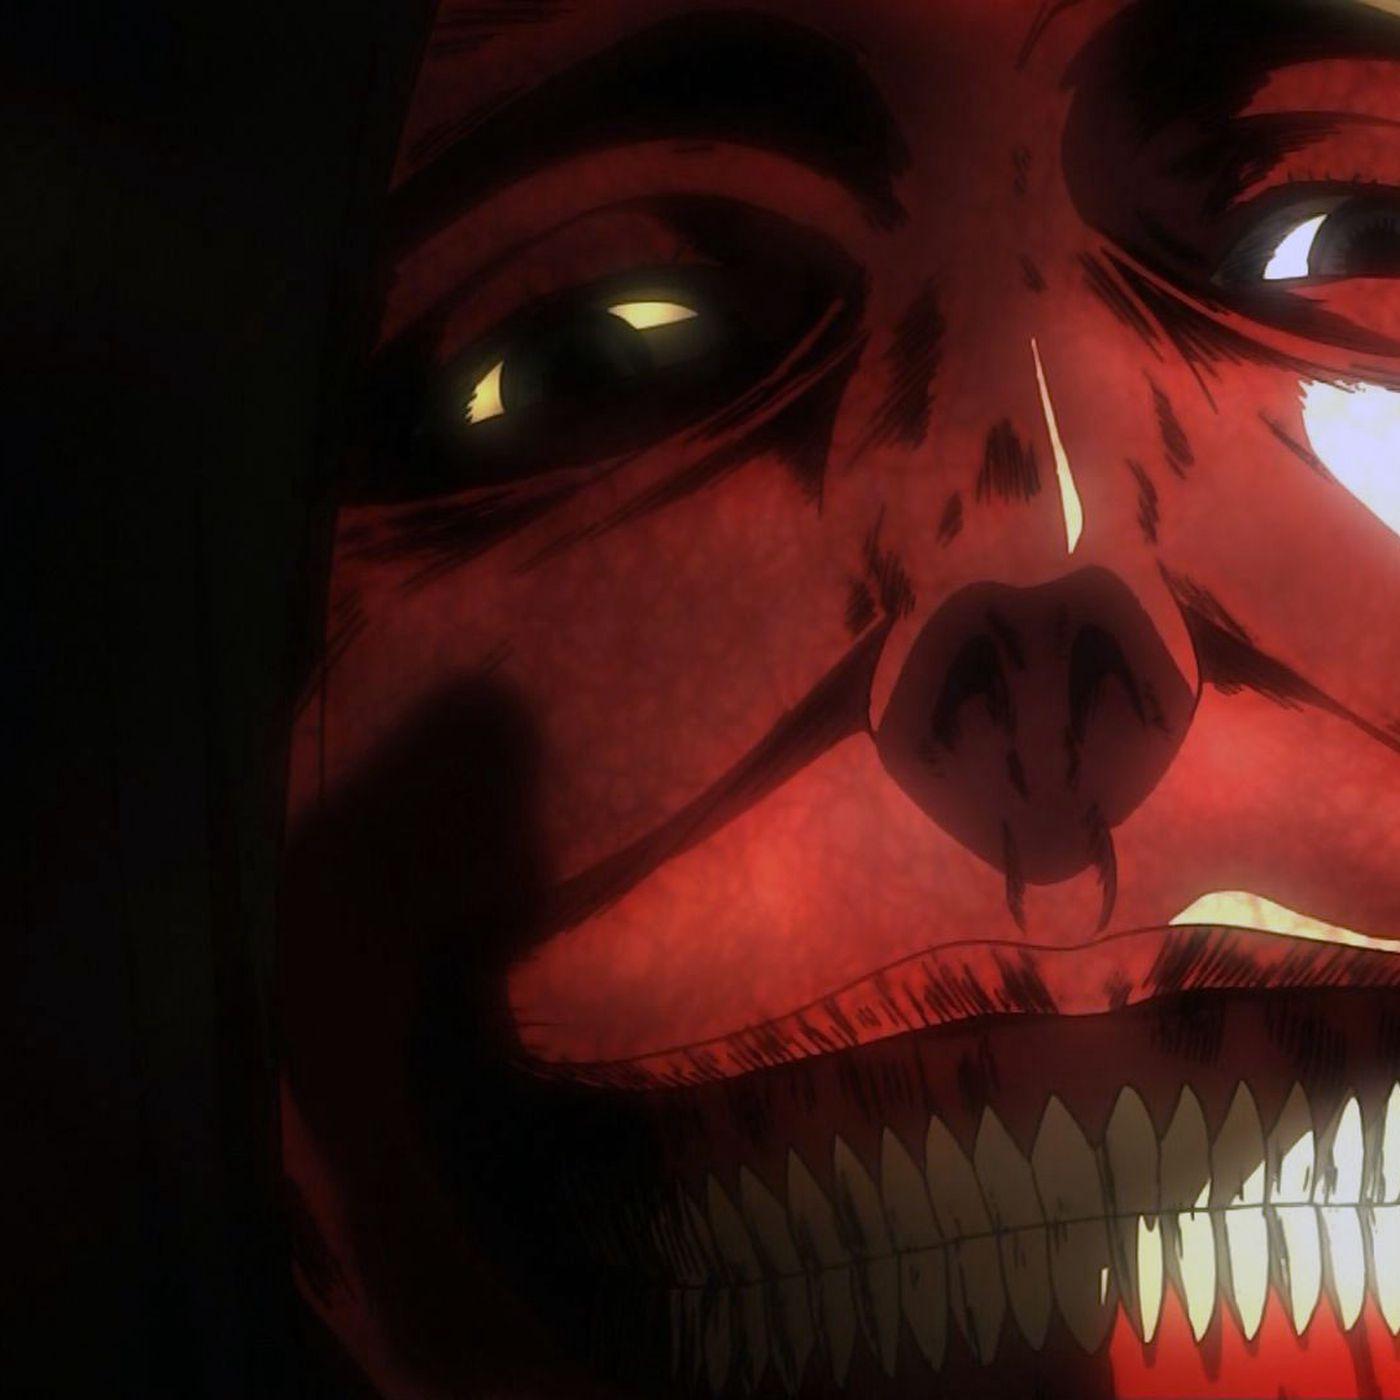 Attack on Titan season 3, part 2 sets up the anime's endgame - Polygon